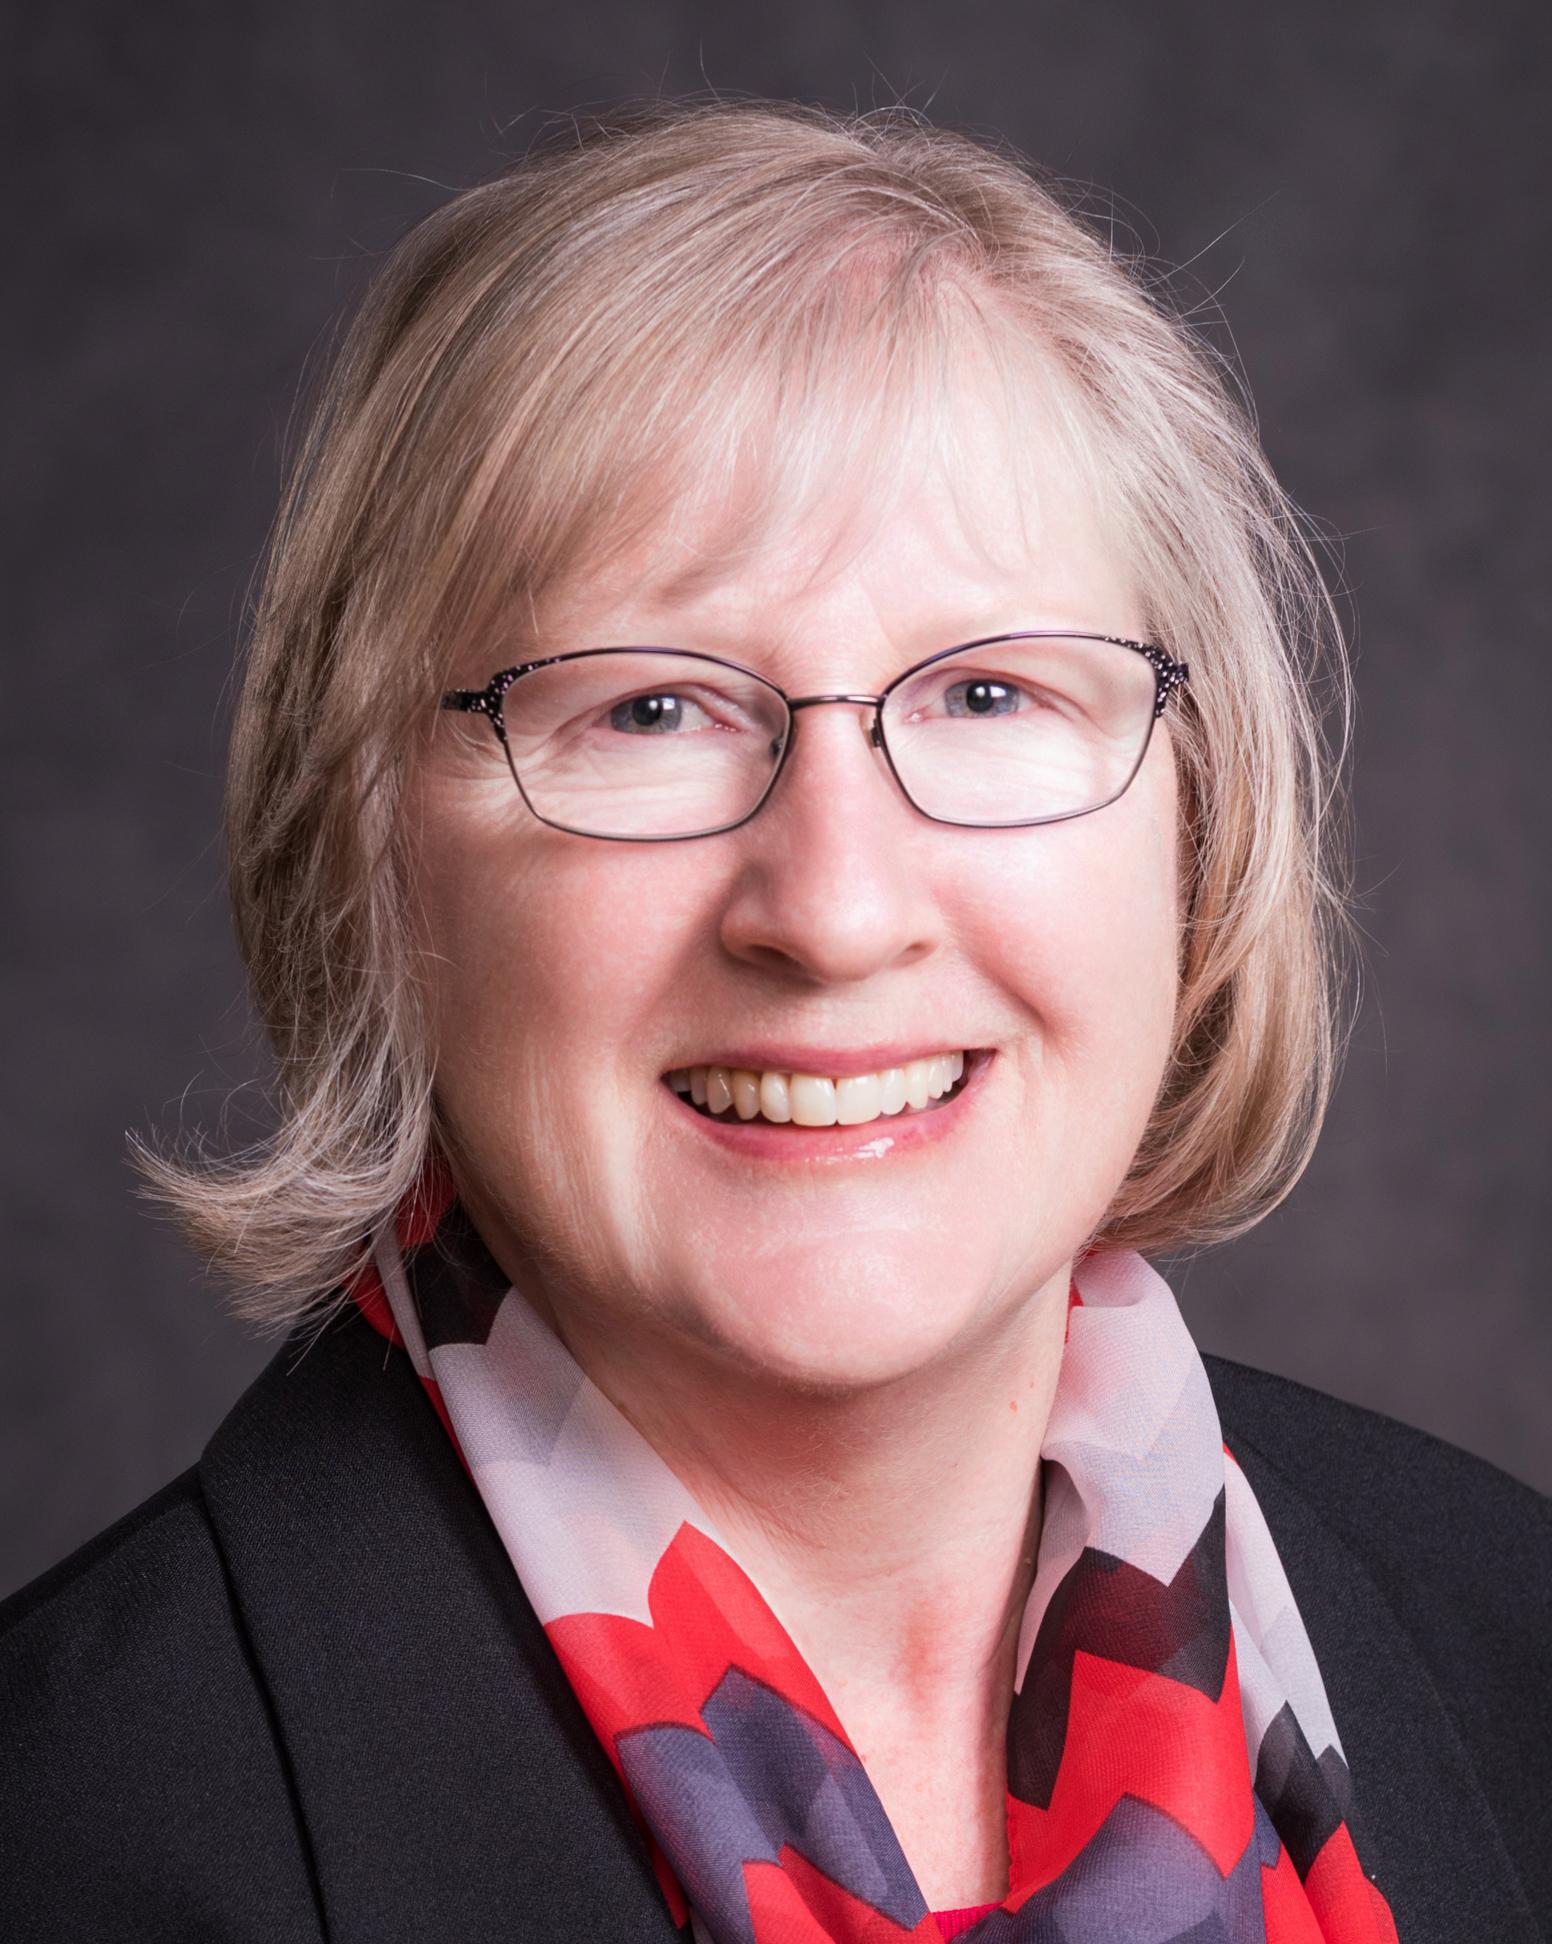 Photo of Kay Siefken